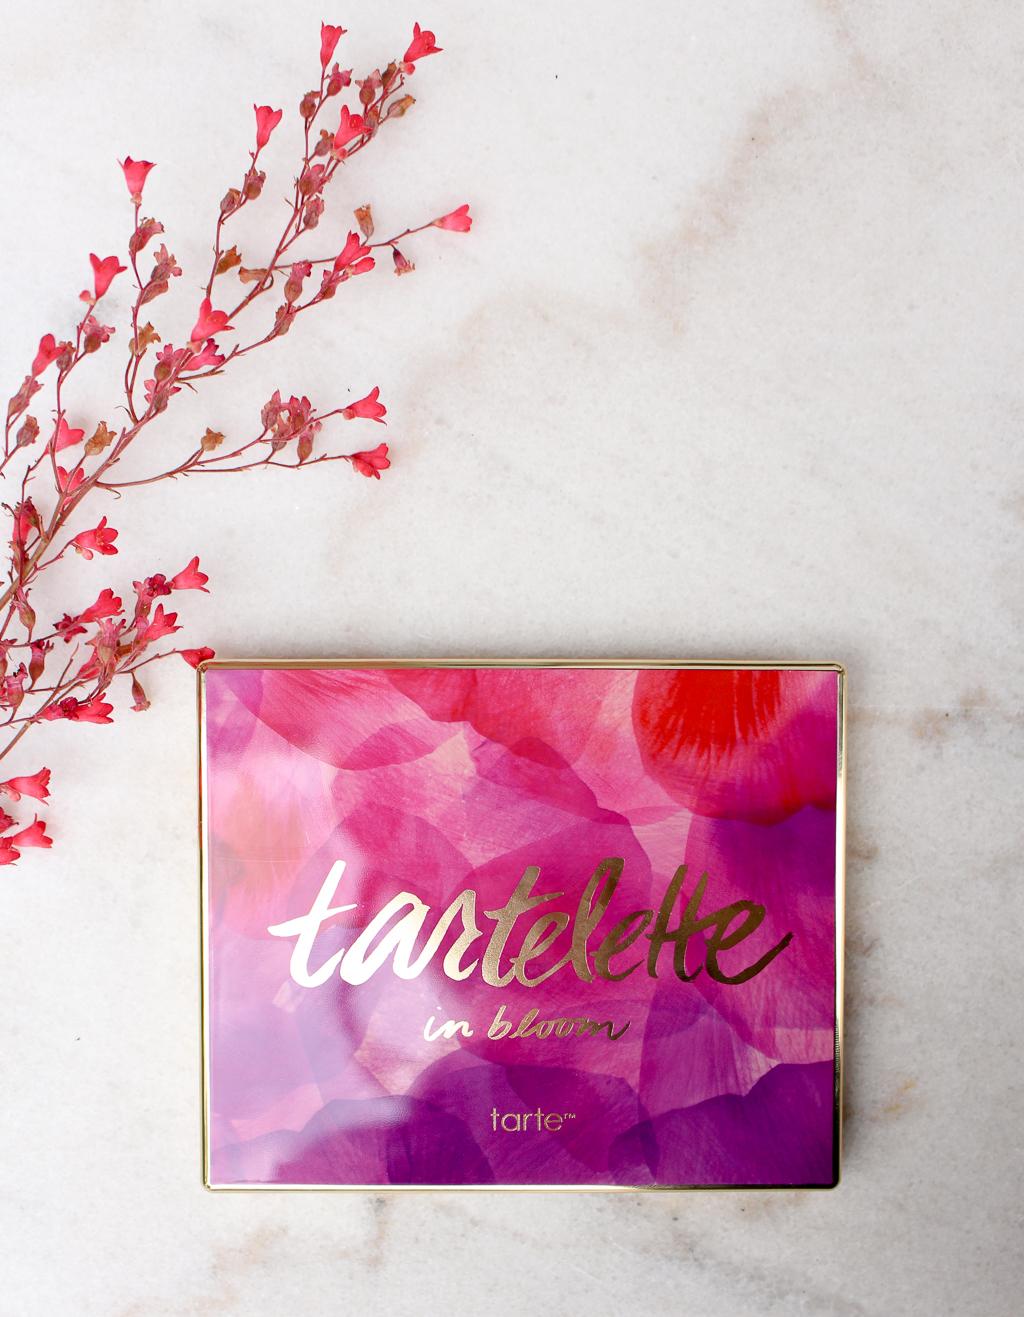 Tarte Tartelette In Bloom Clay Palette